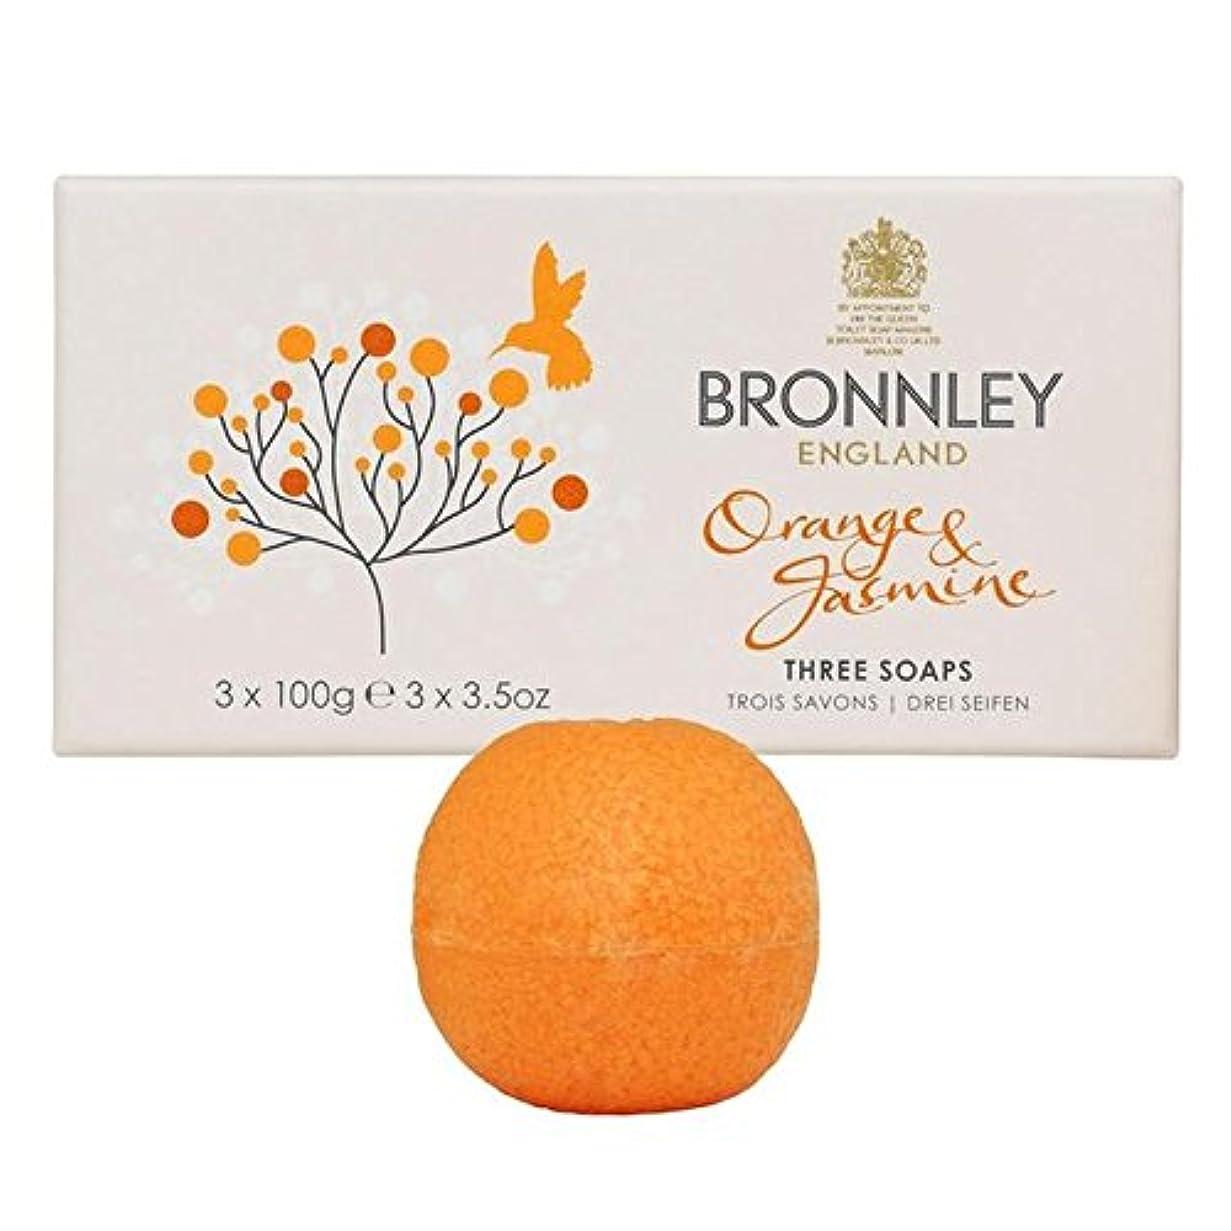 先駆者スラム忍耐オレンジ&ジャスミン石鹸3×100グラム x2 - Bronnley Orange & Jasmine Soaps 3 x 100g (Pack of 2) [並行輸入品]